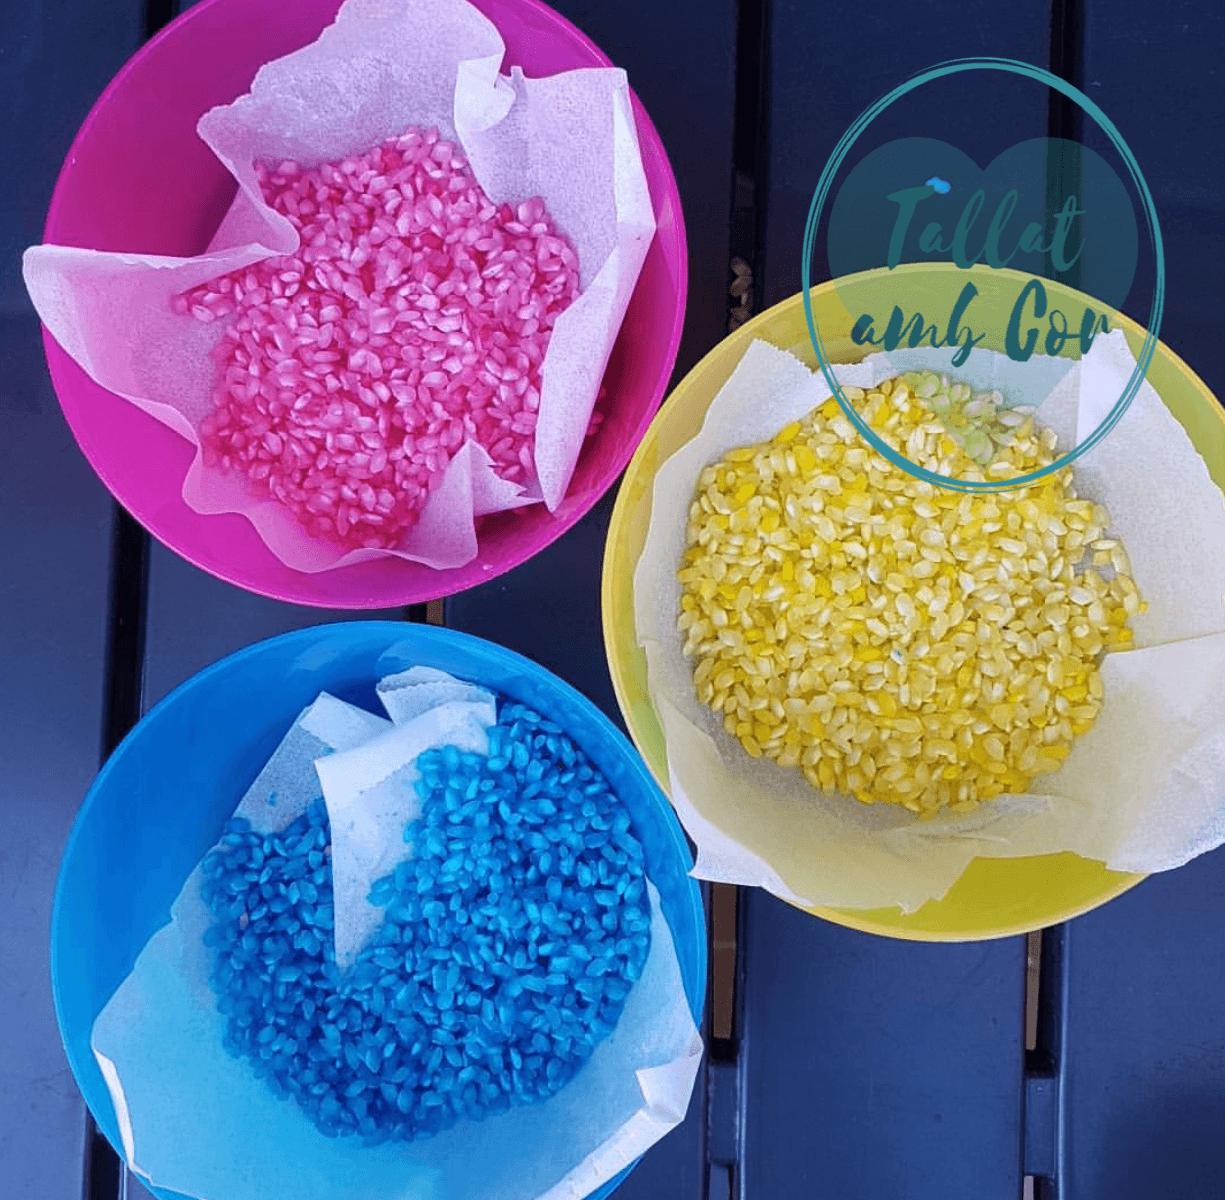 Resultado de teñir arroz: tres boles de colores rosa, azul y amarillo, con arroz en esos mismos colores